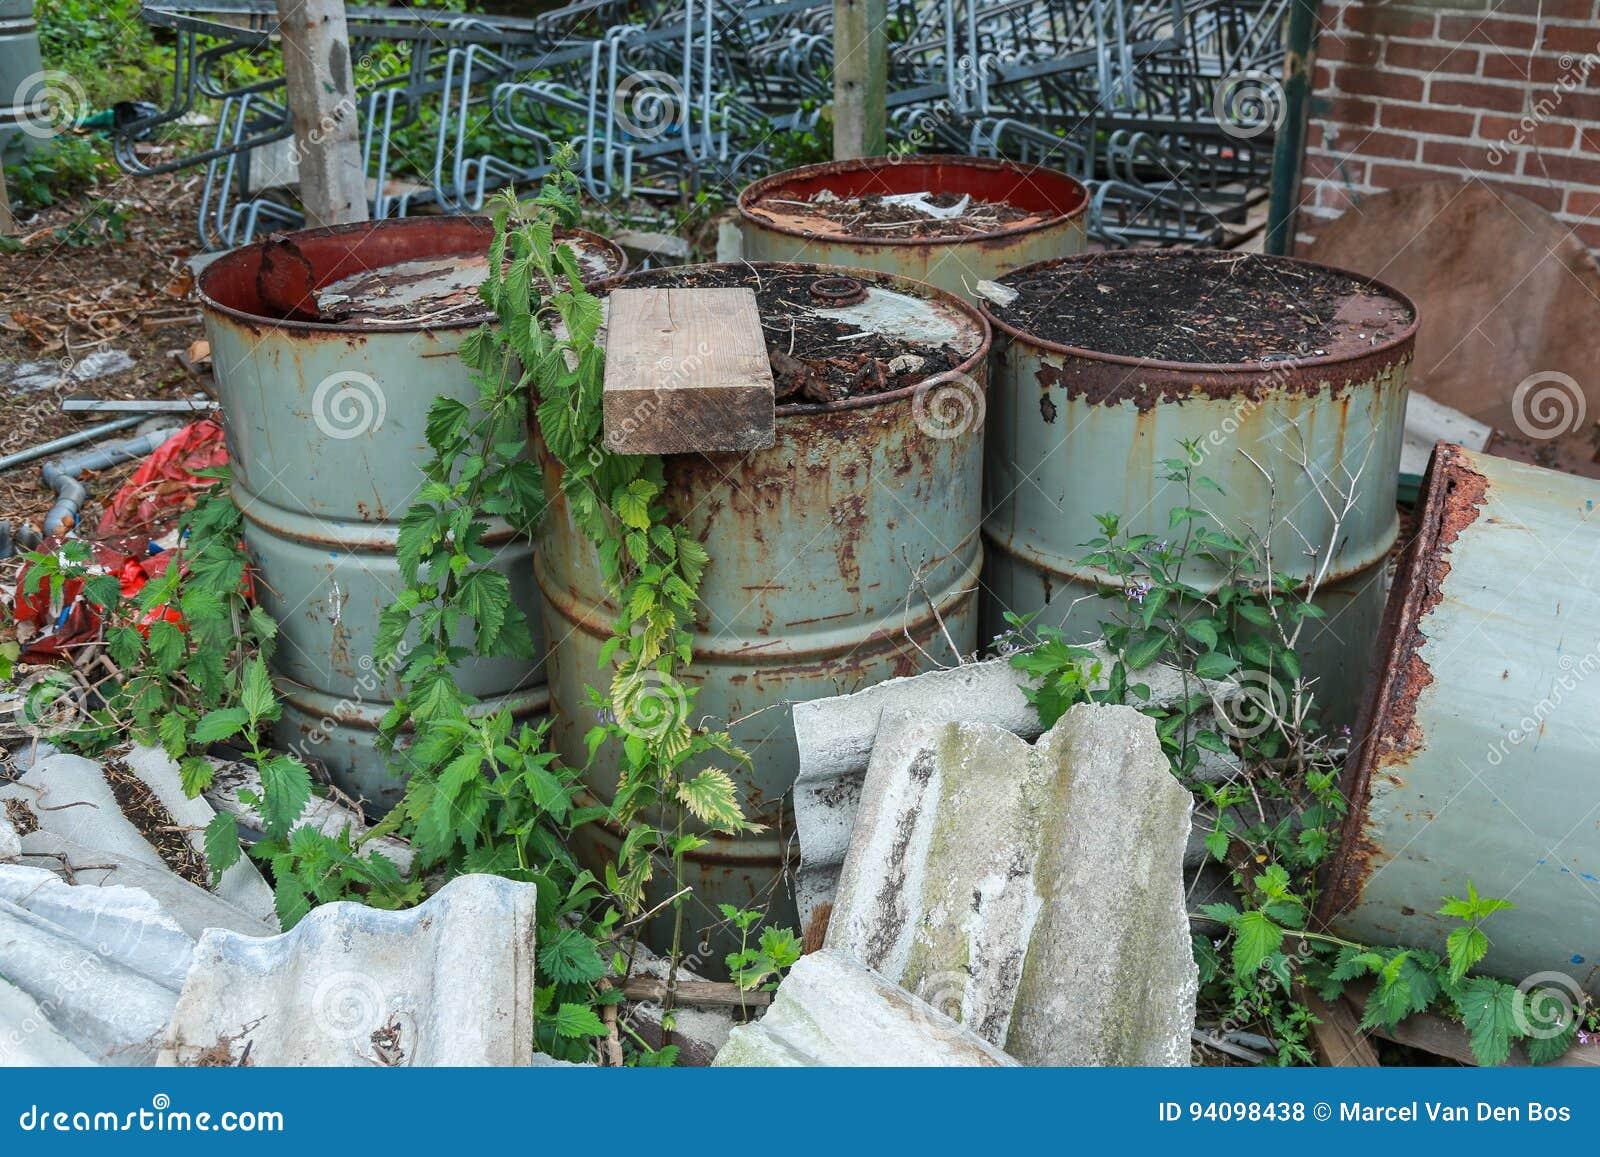 Weggeworfene und verrostete Ölfassverschmutzung